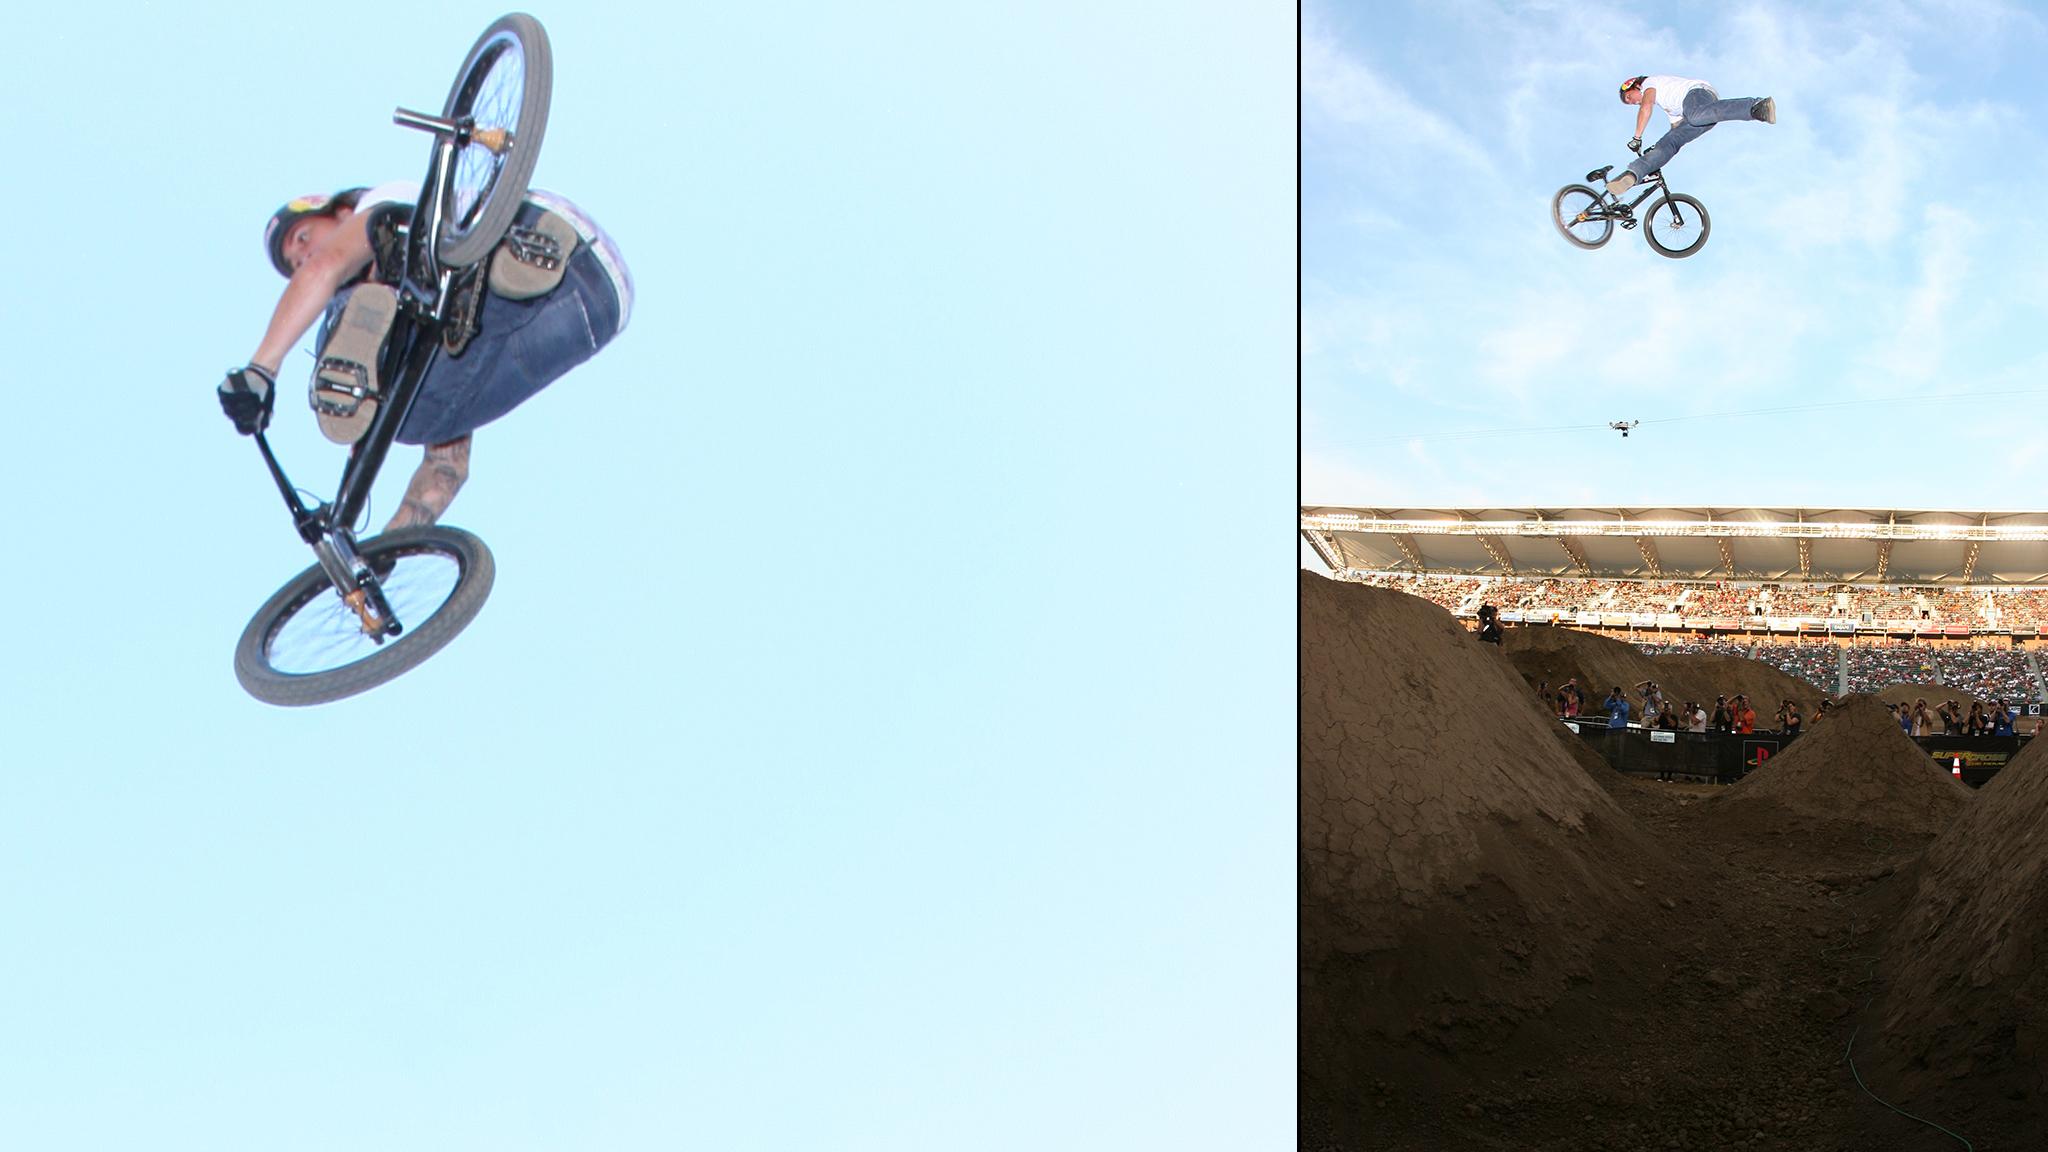 Corey Bohan dominates BMX Dirt